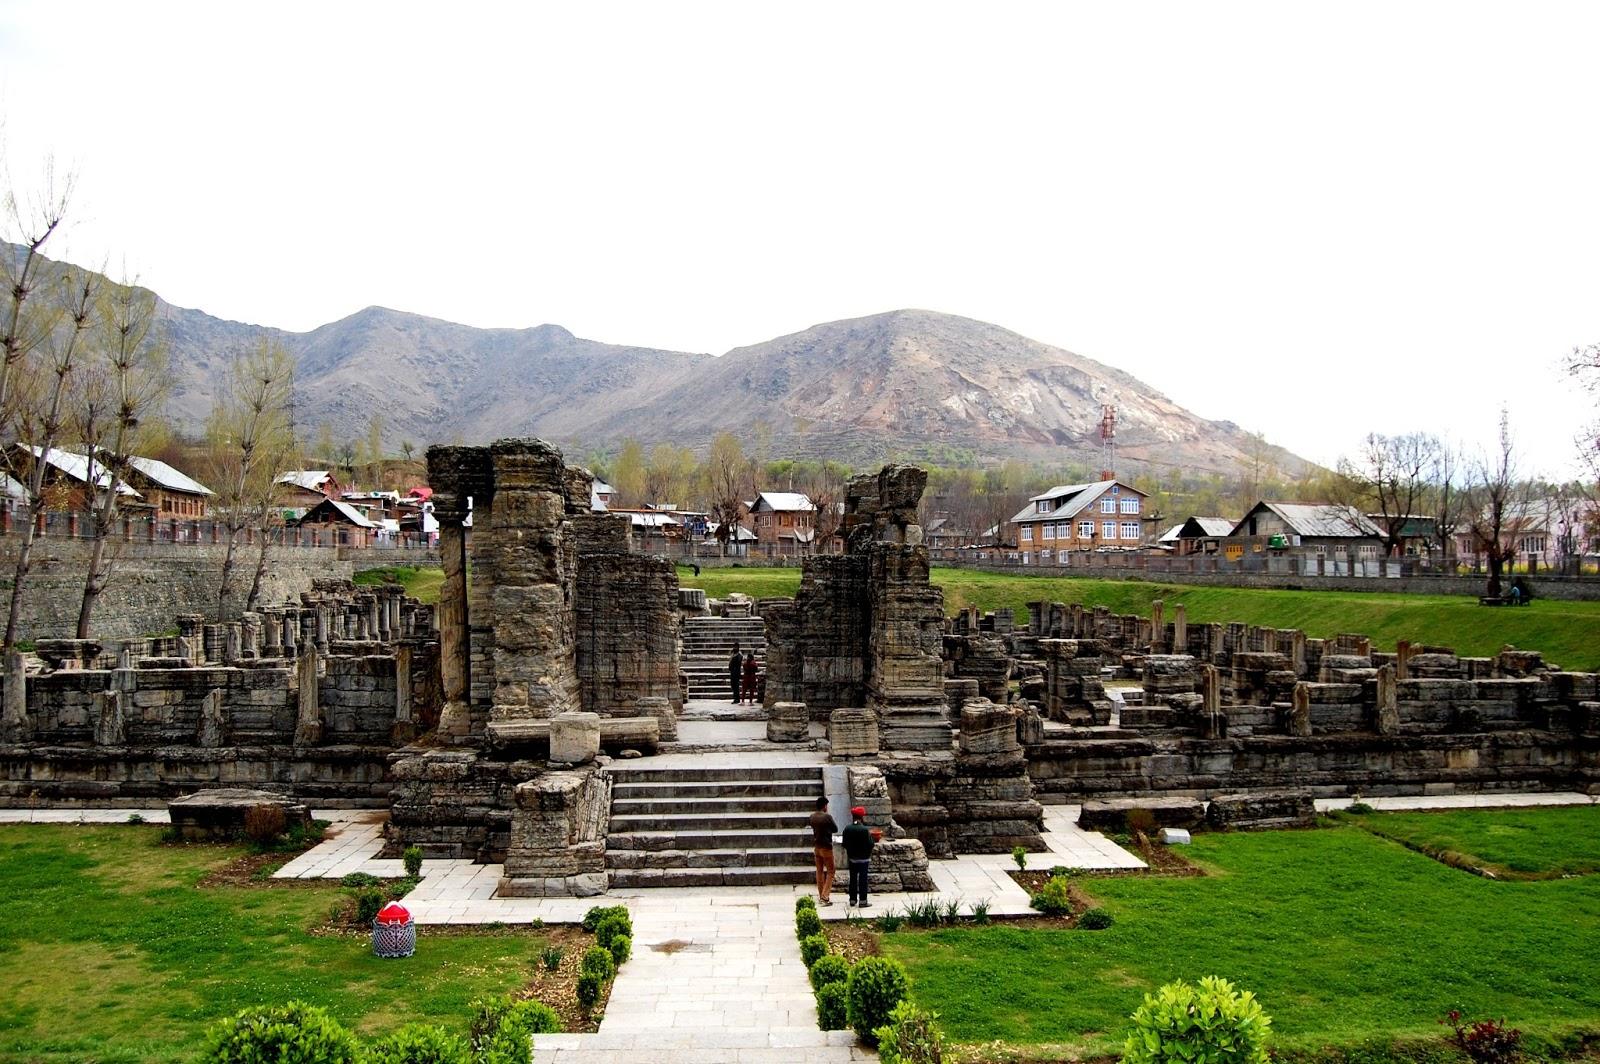 अवंतीश्वराचं मंदिर- पुलवामामध्ये तुम्ही फिरायला जात असाल तर झेलम नदीच्या काठावर असलेलं अवंतीश्वर मंदिर नक्की पाहा. हे महादेव आणि विष्णुचं मंदिर आहे. या मंदिराच्या भिंतींवर कोरलेल्या नक्षी यांमुळे पुरातत्व विभाग या मंदिराची देखभाल करतं.